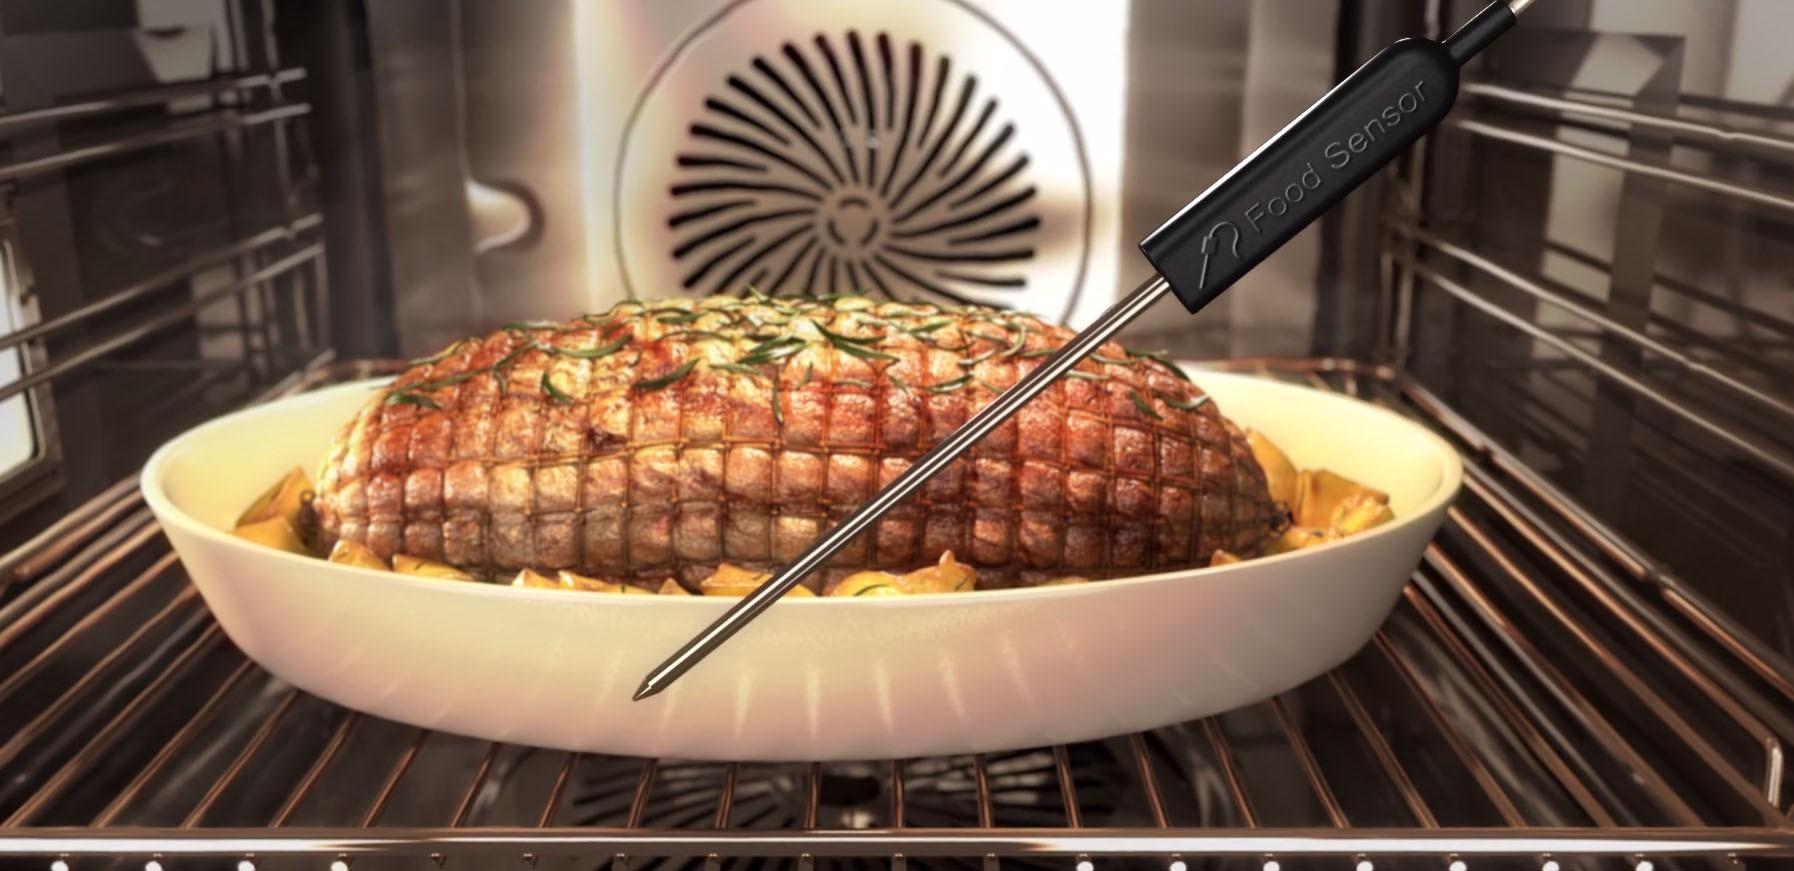 Utensilios Archivos   El Aderezo   Blog de Cocina, Gastronomía y Recetas